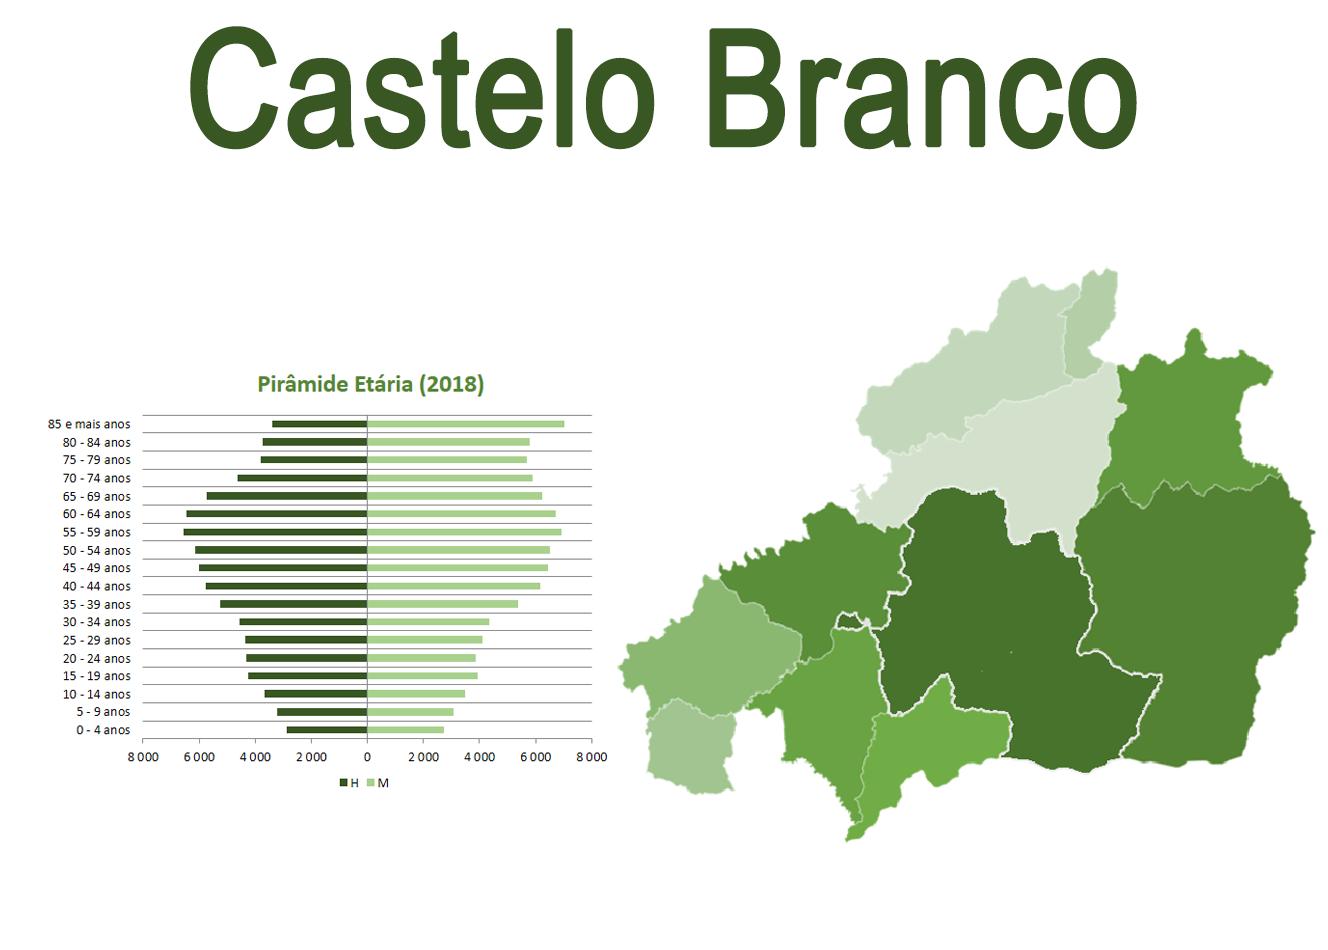 Mapa e Pirâmide etária para o distrito de Castelo Branco